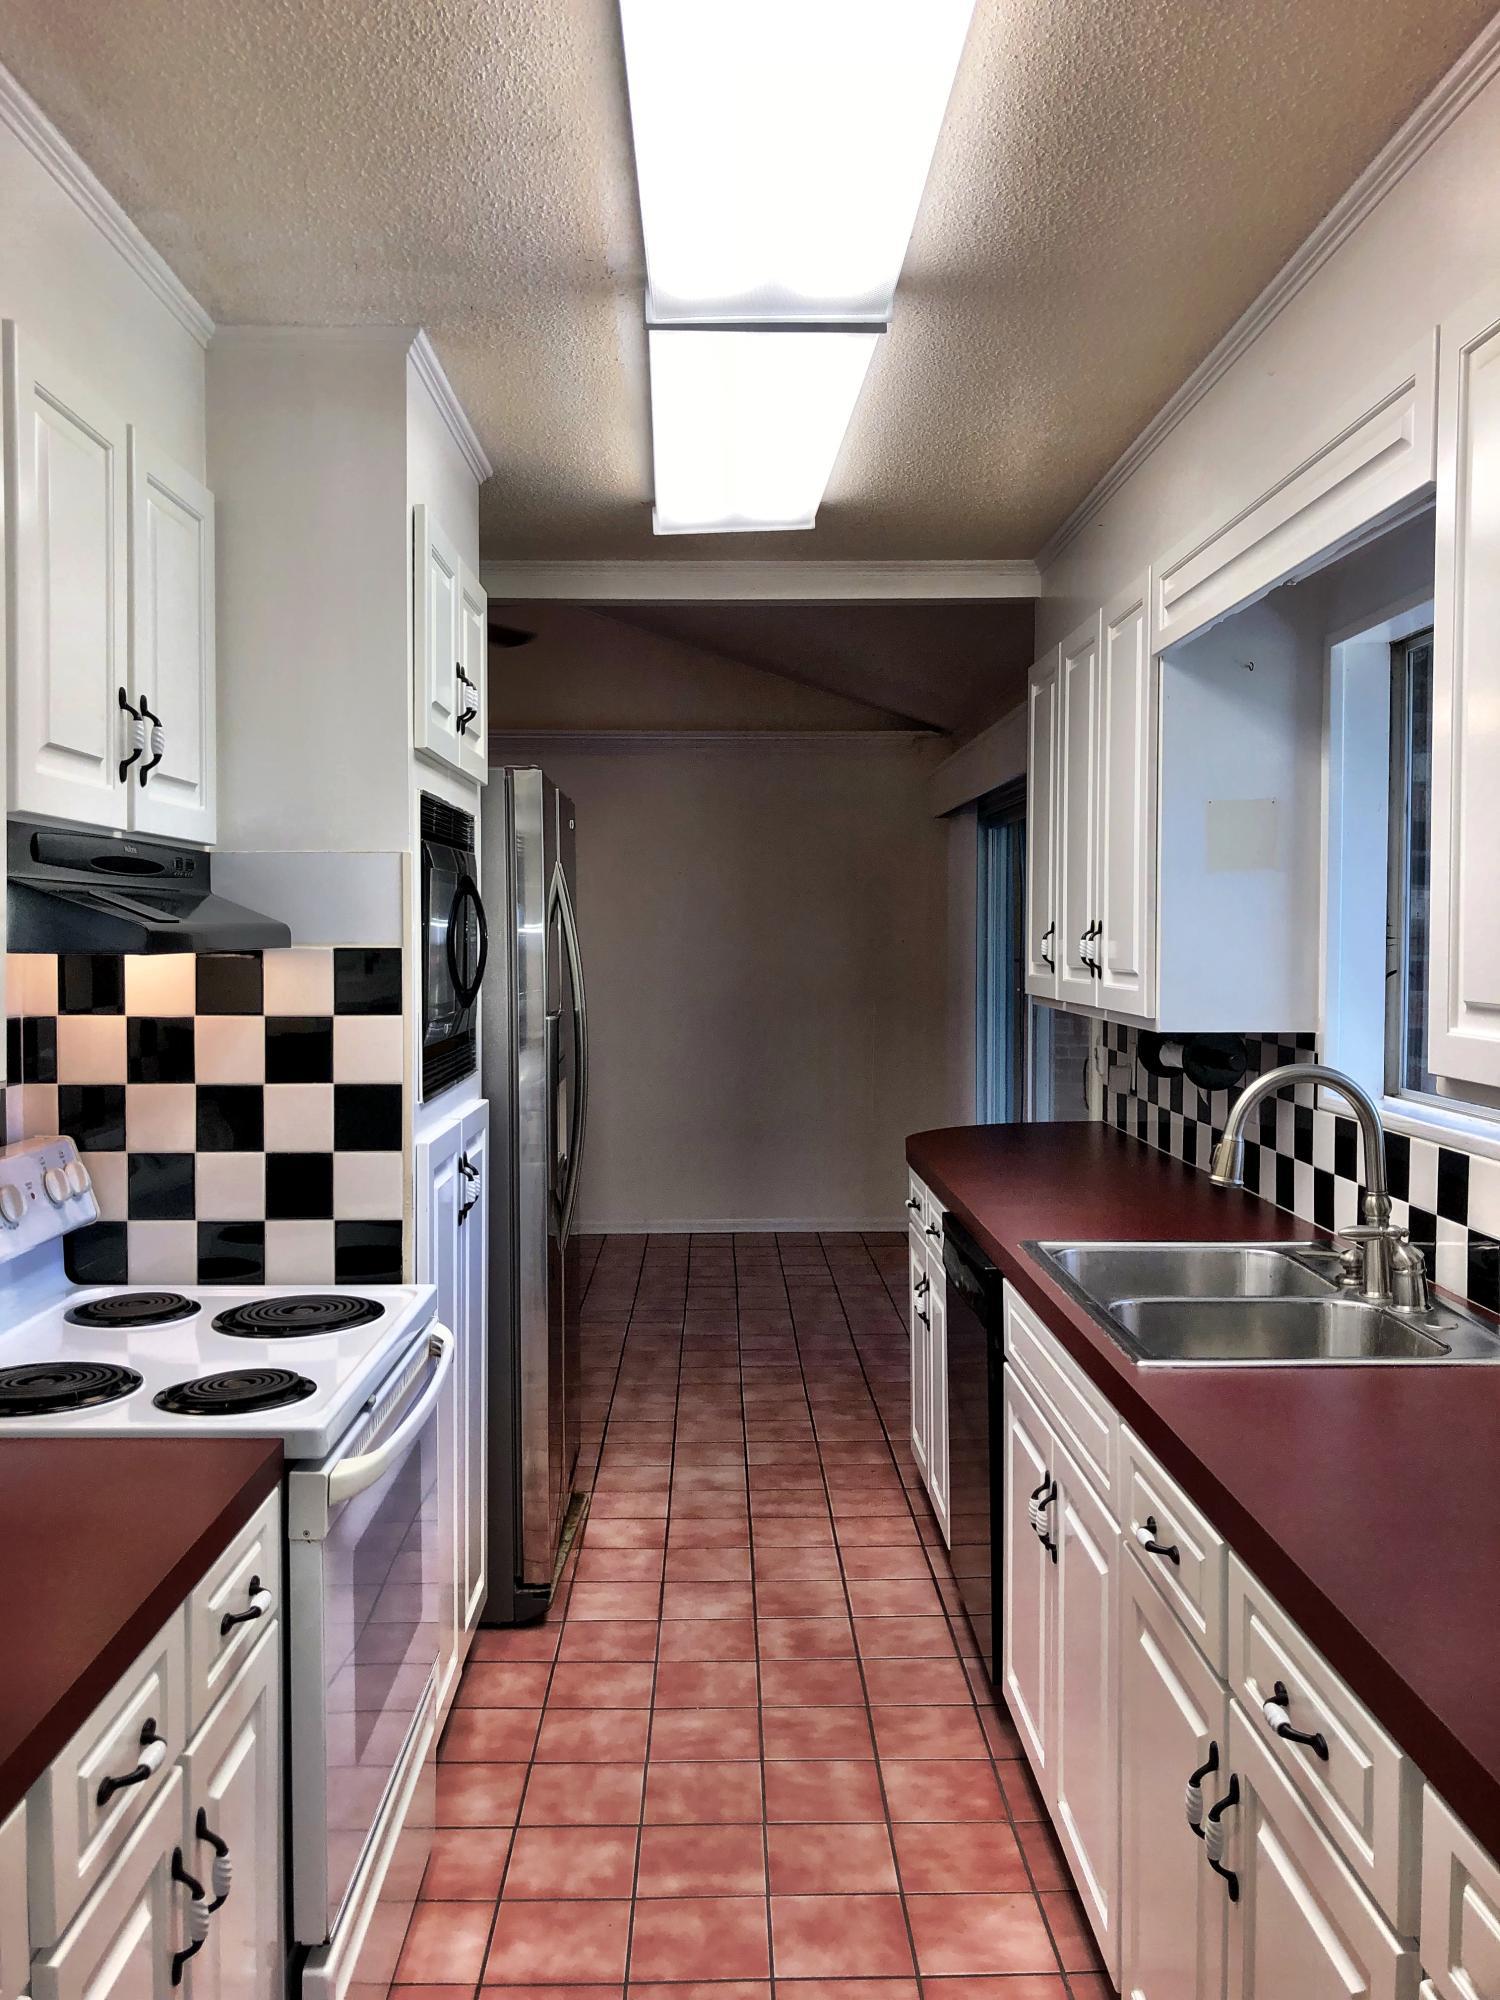 Lake Moultrie Shores Homes For Sale - 219 Lake Moultrie, Bonneau, SC - 24